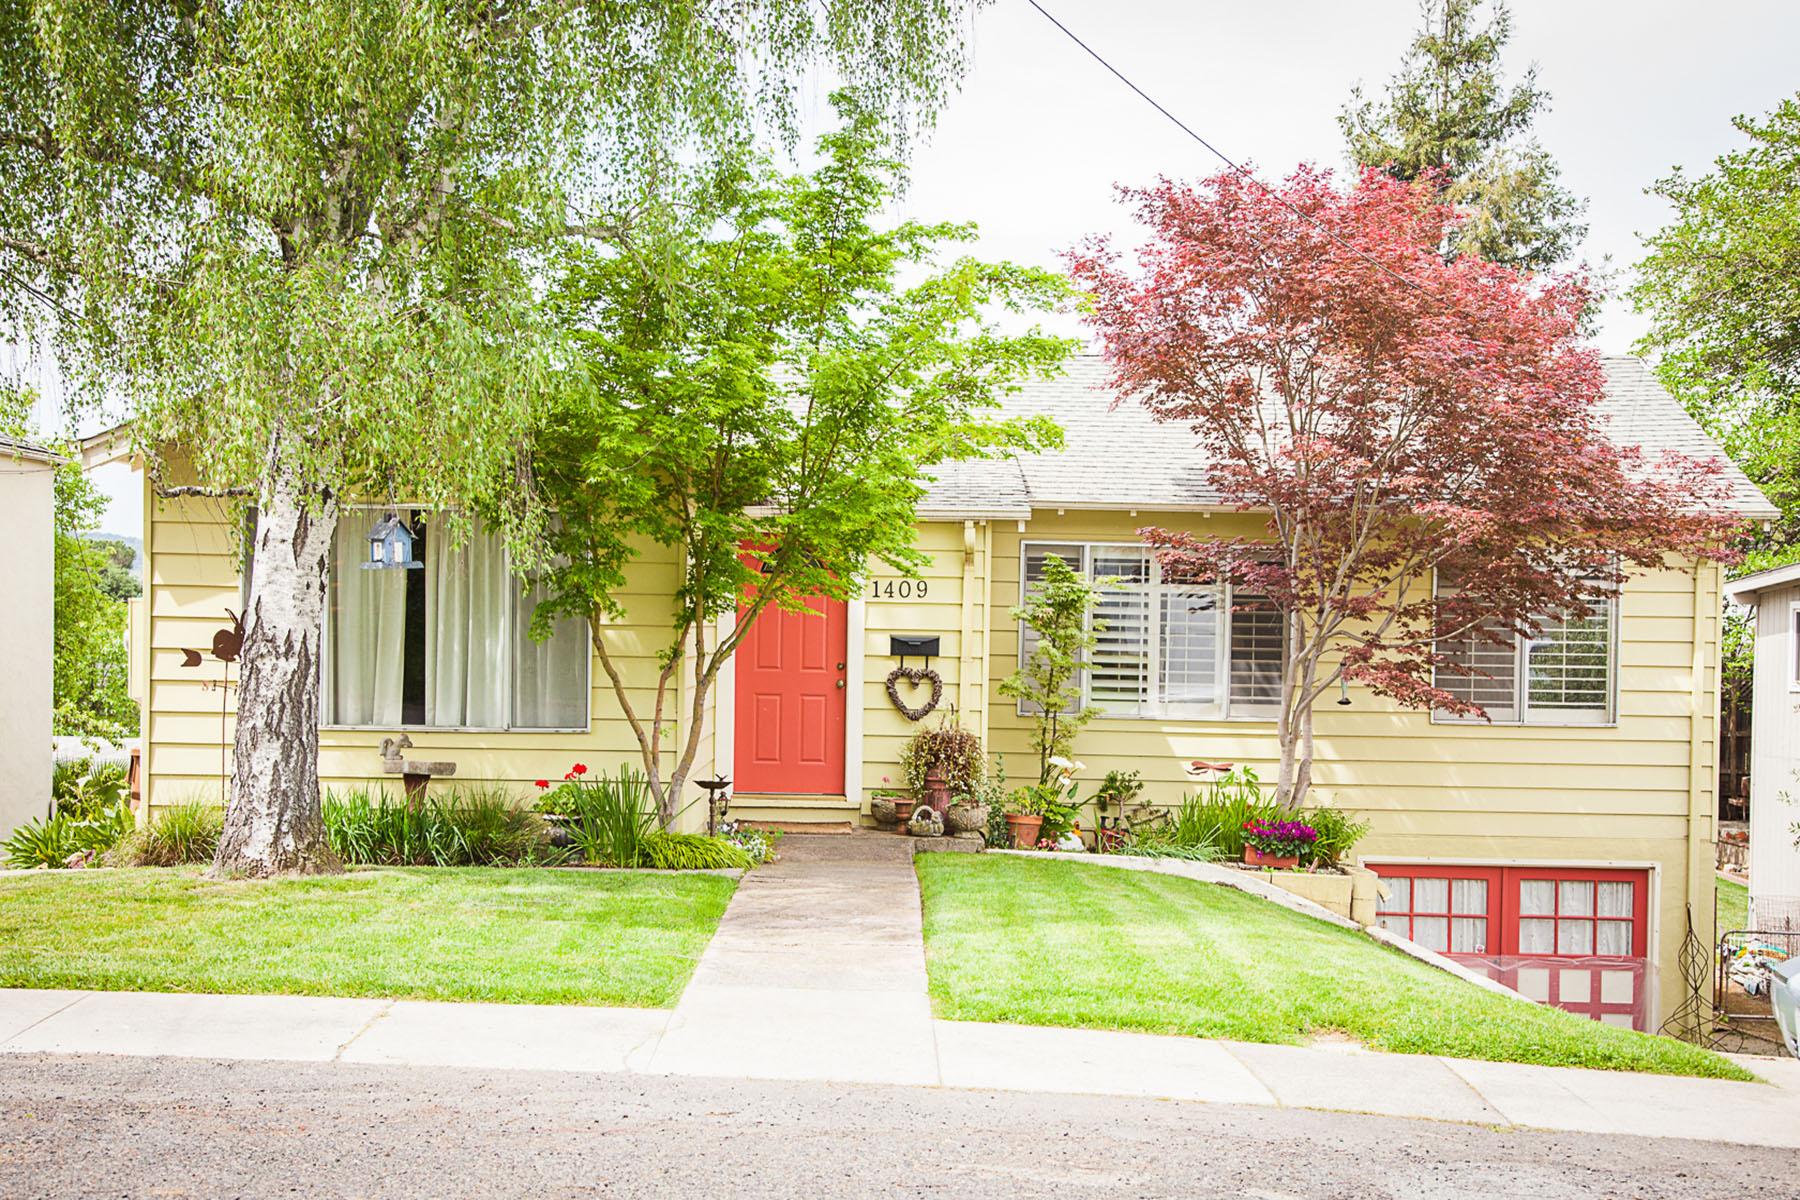 独户住宅 为 销售 在 1409 Hill Ave, Napa, CA 94559 1409 Hill Ave 纳帕, 加利福尼亚州, 94559 美国